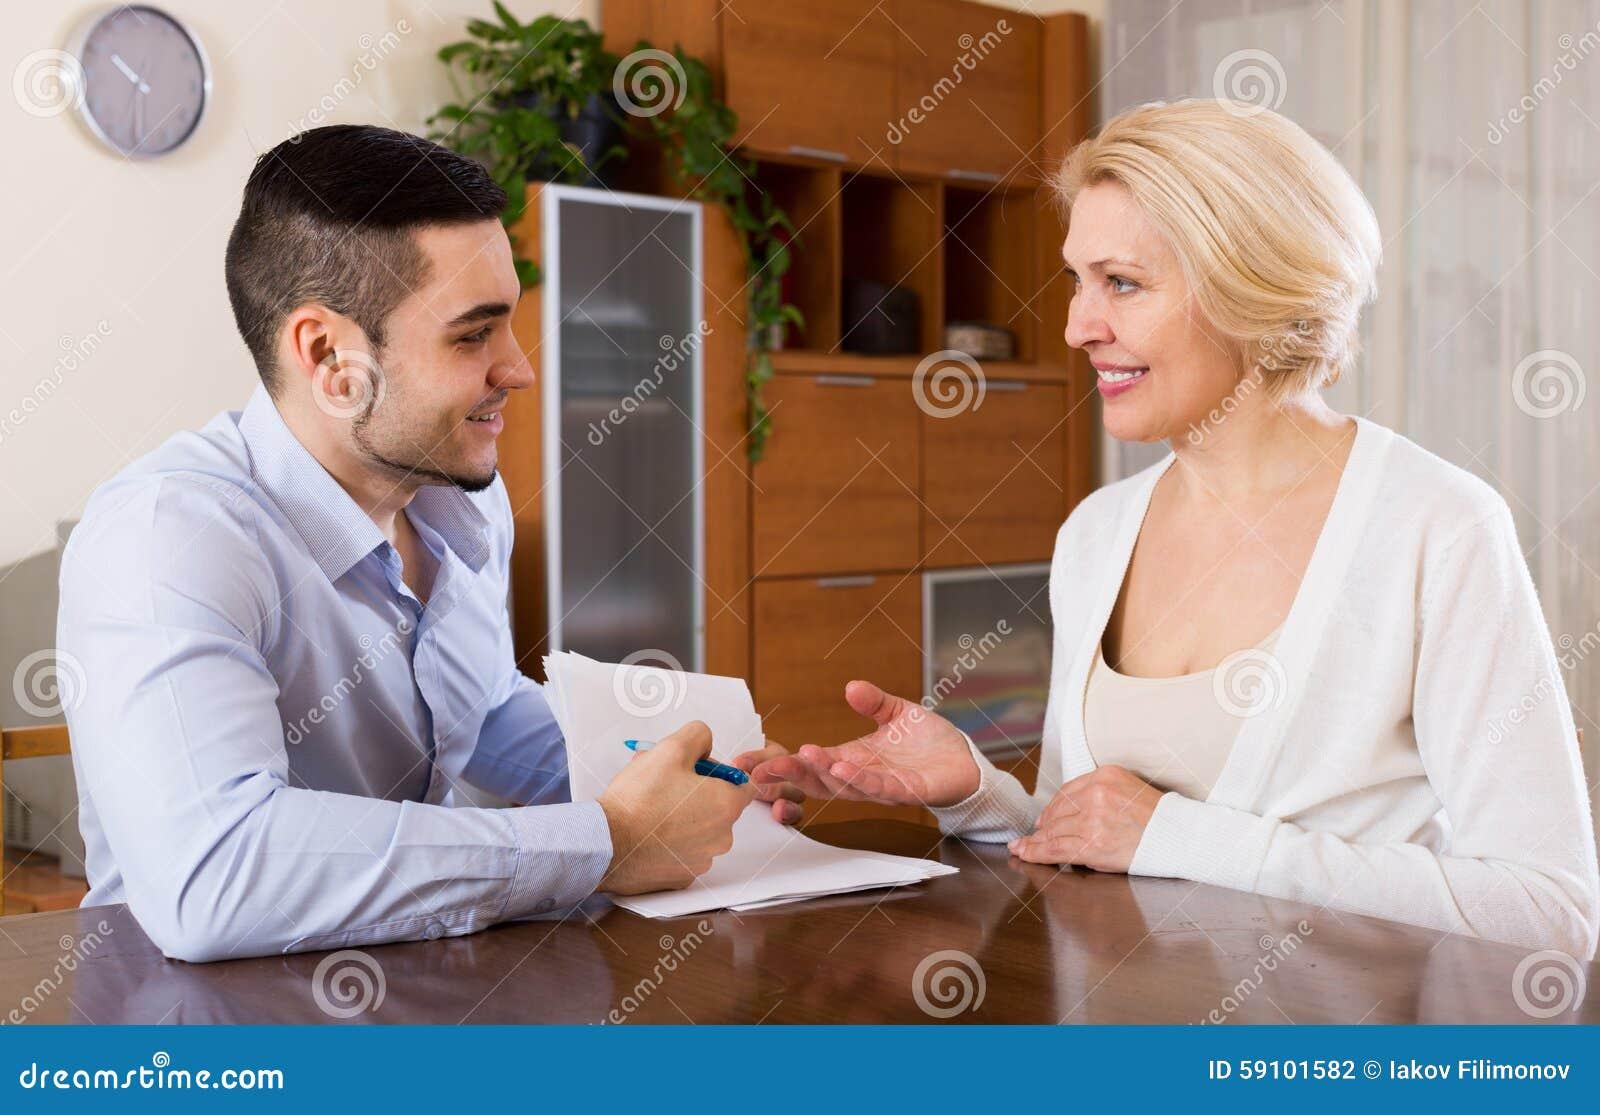 妇女和年轻未婚夫签署的婚姻财产契约